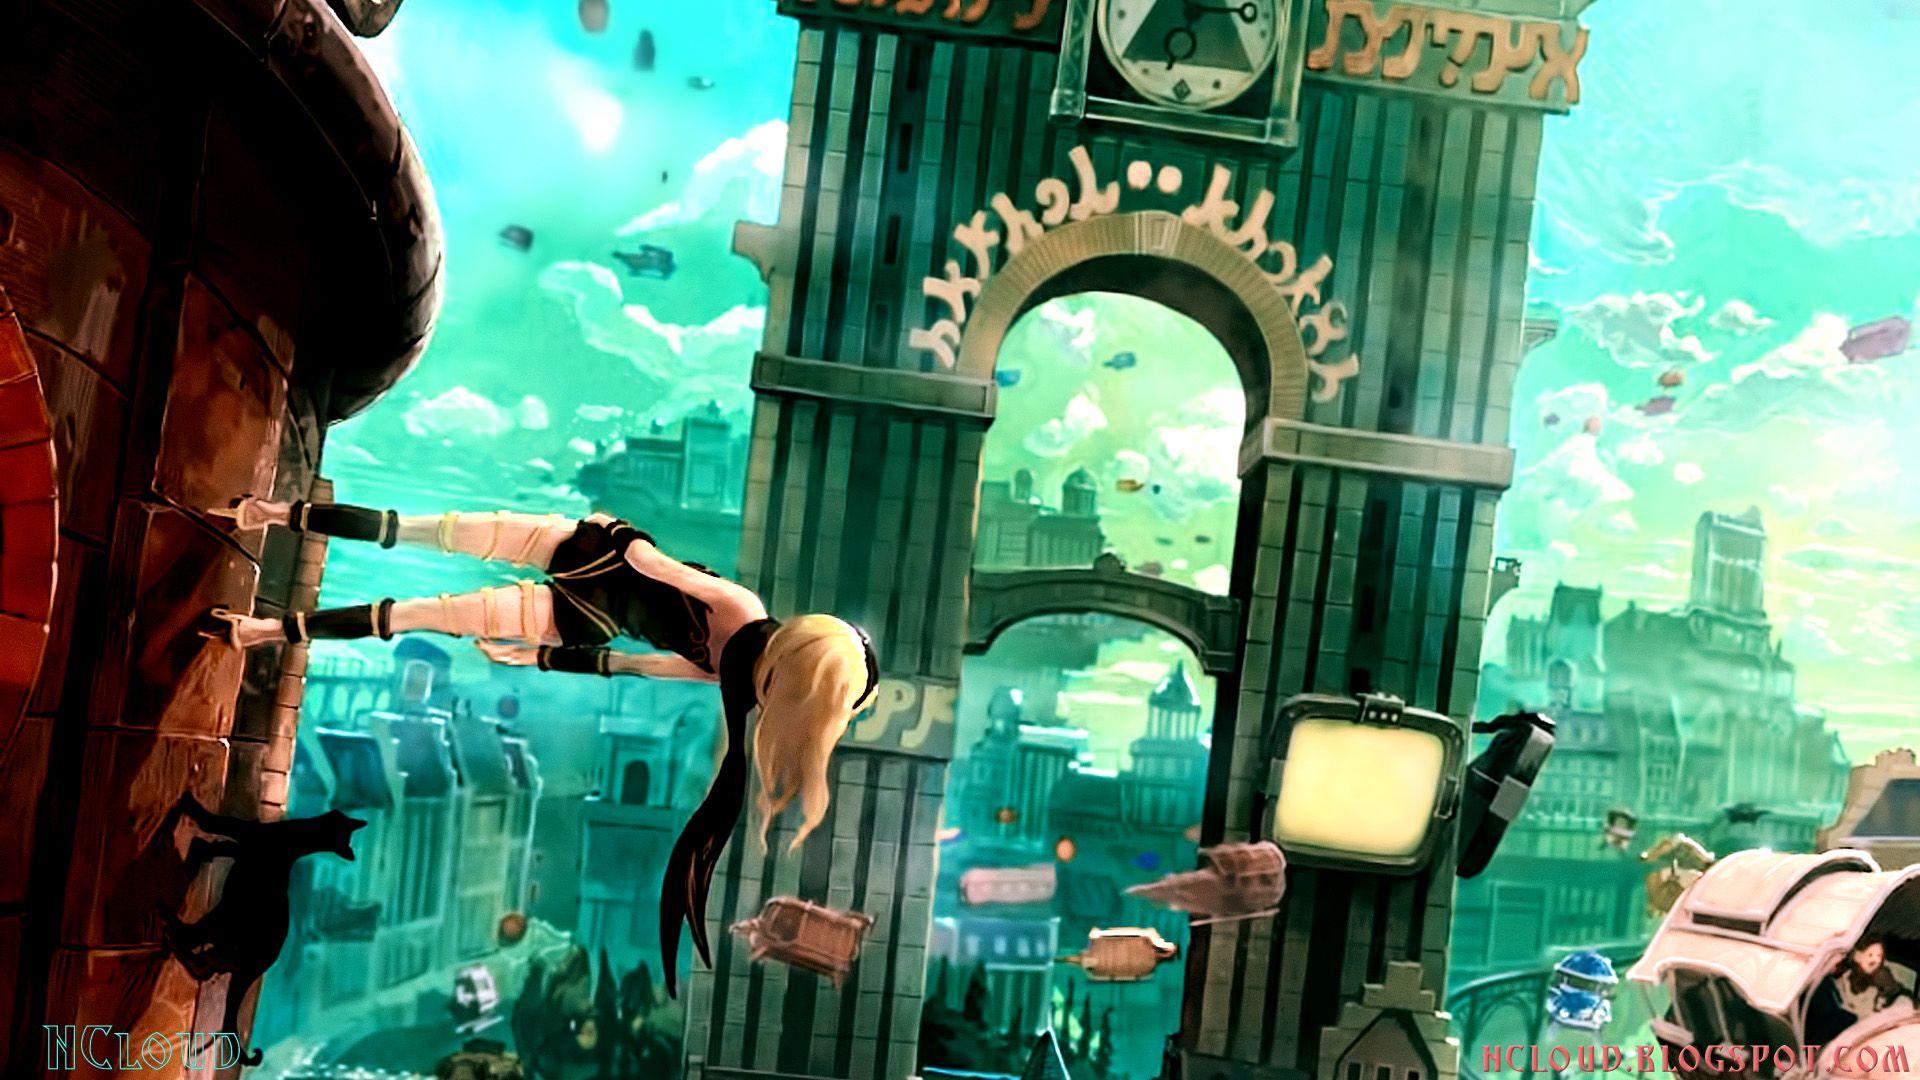 Gravity Rush Ps Vita Rush 2 Ps Vita Wallpaper Anime